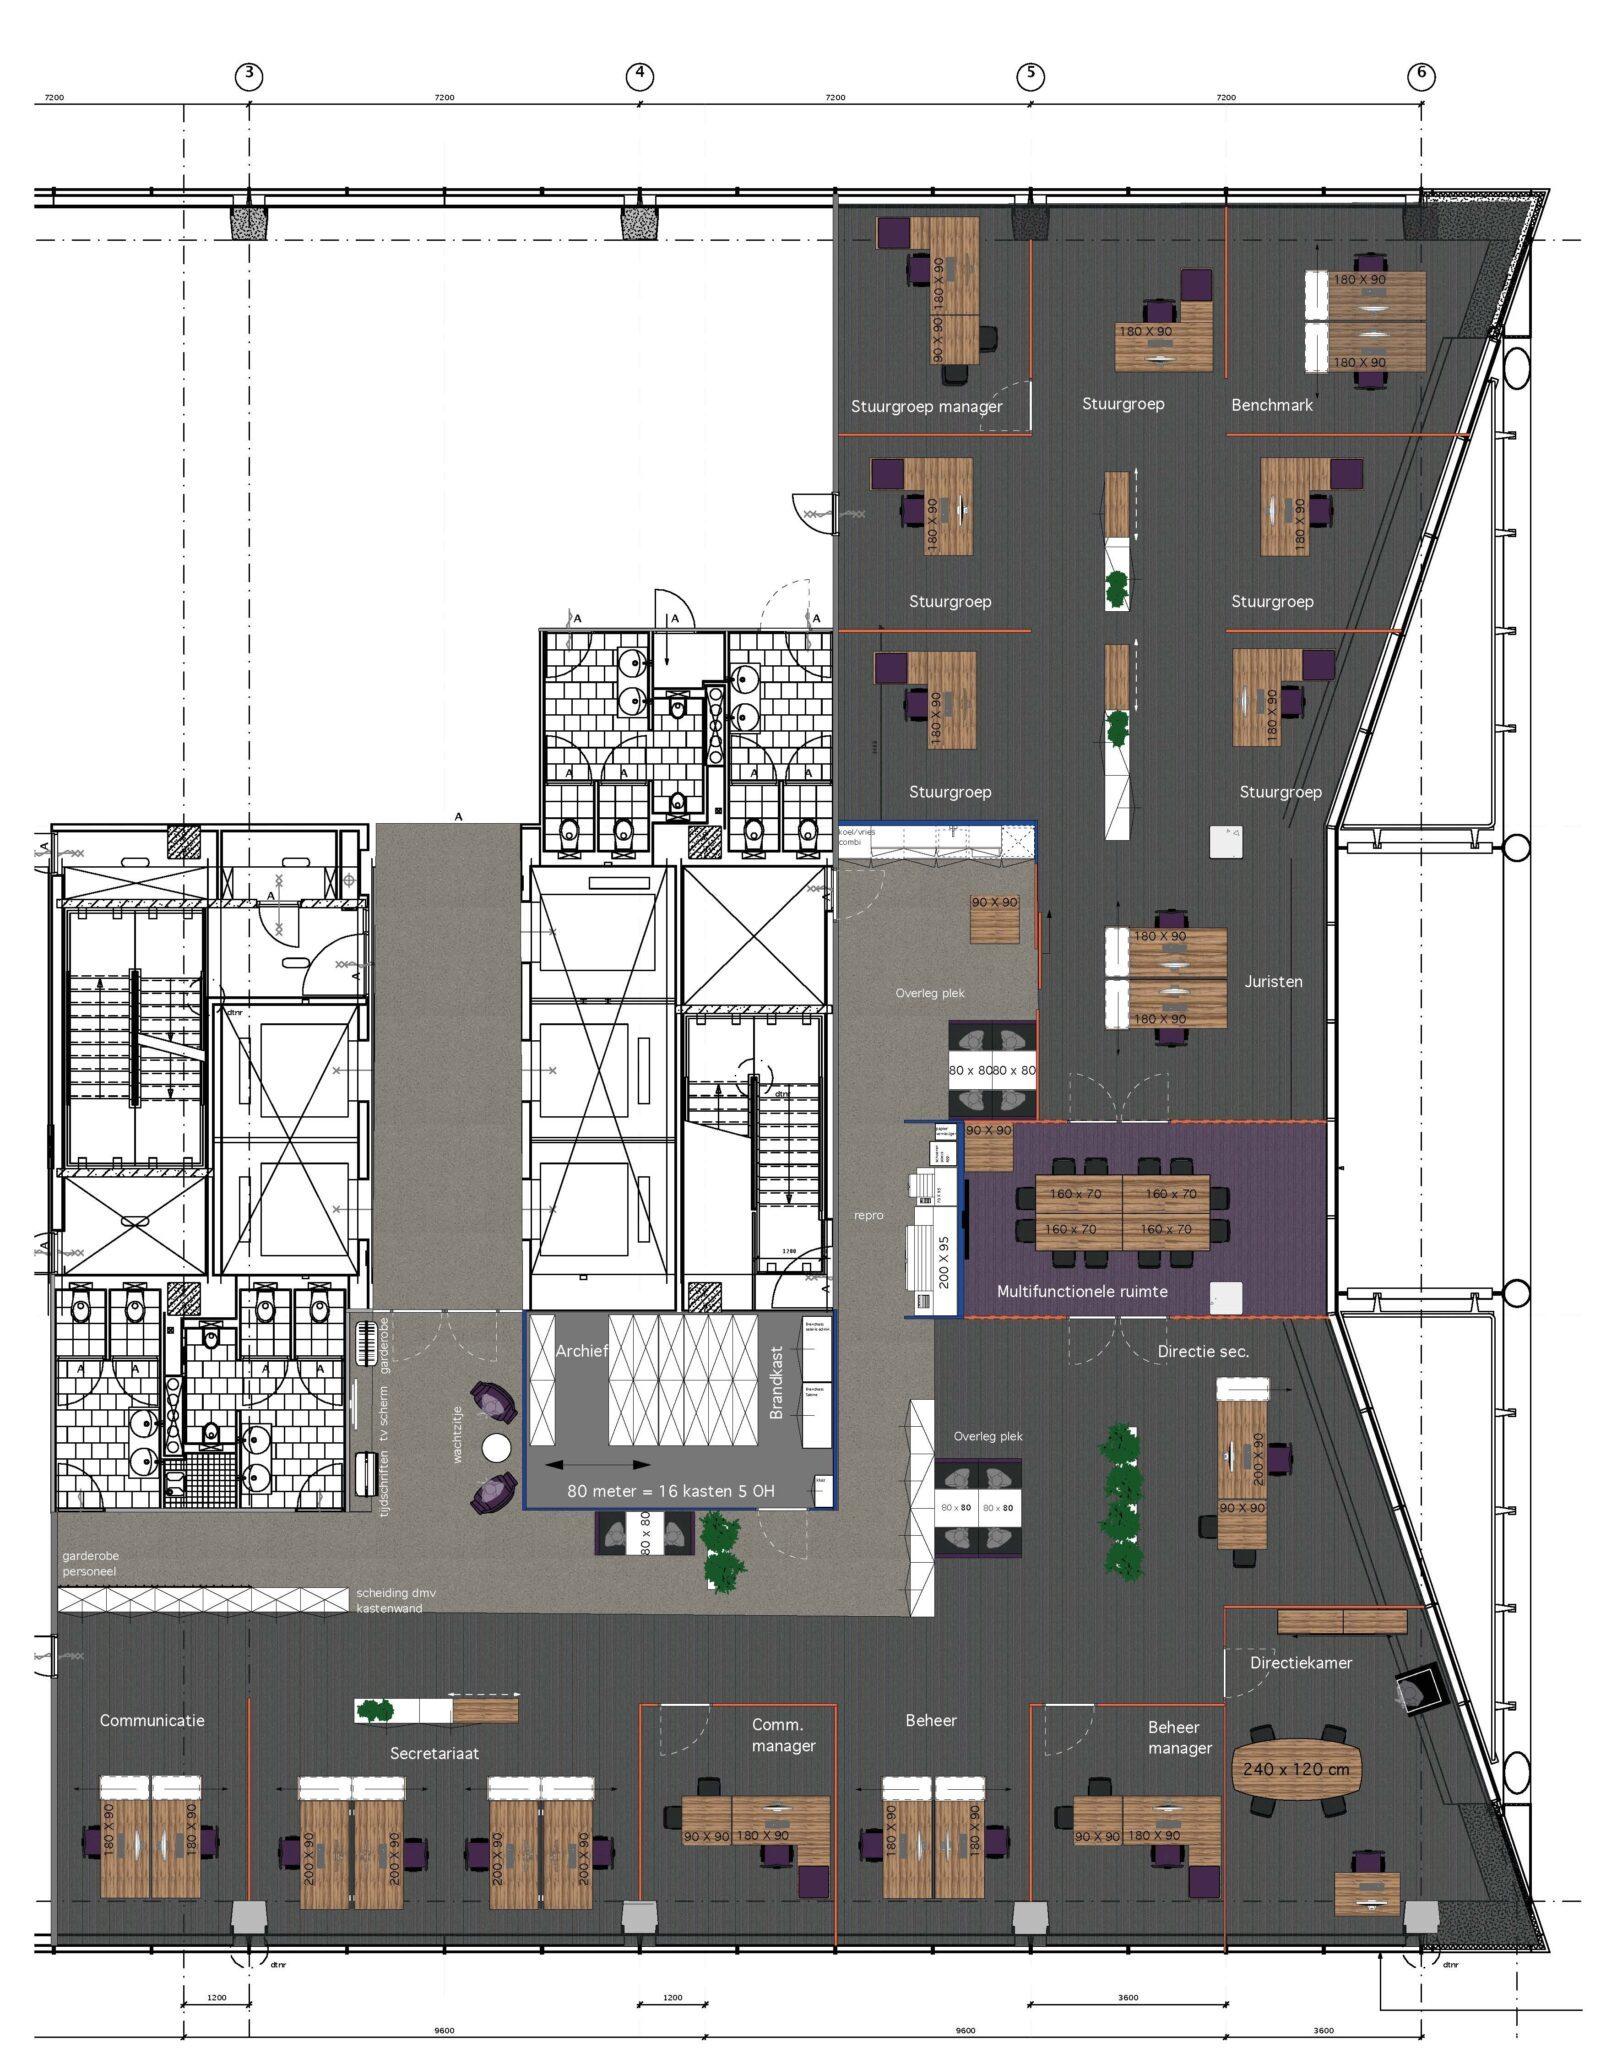 ontwerp tekening Vewin Heering Office Den Haag